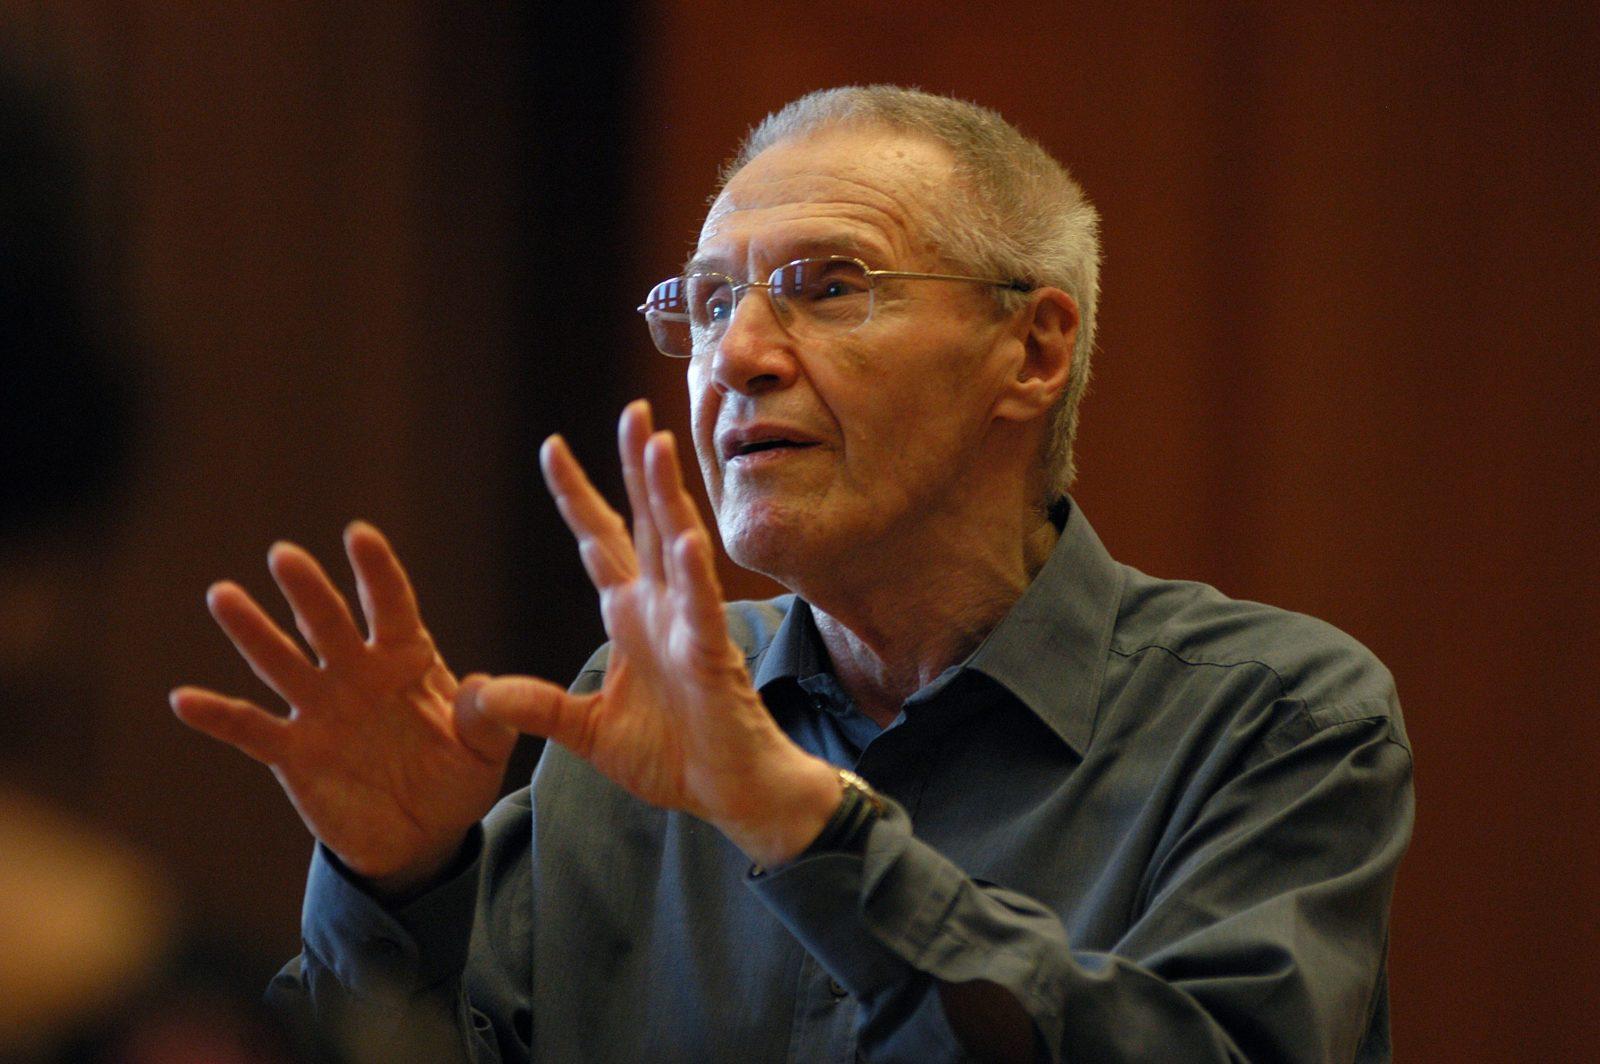 La Hongrie célèbre les 90 ans de son compositeur György Kurtág par un festival